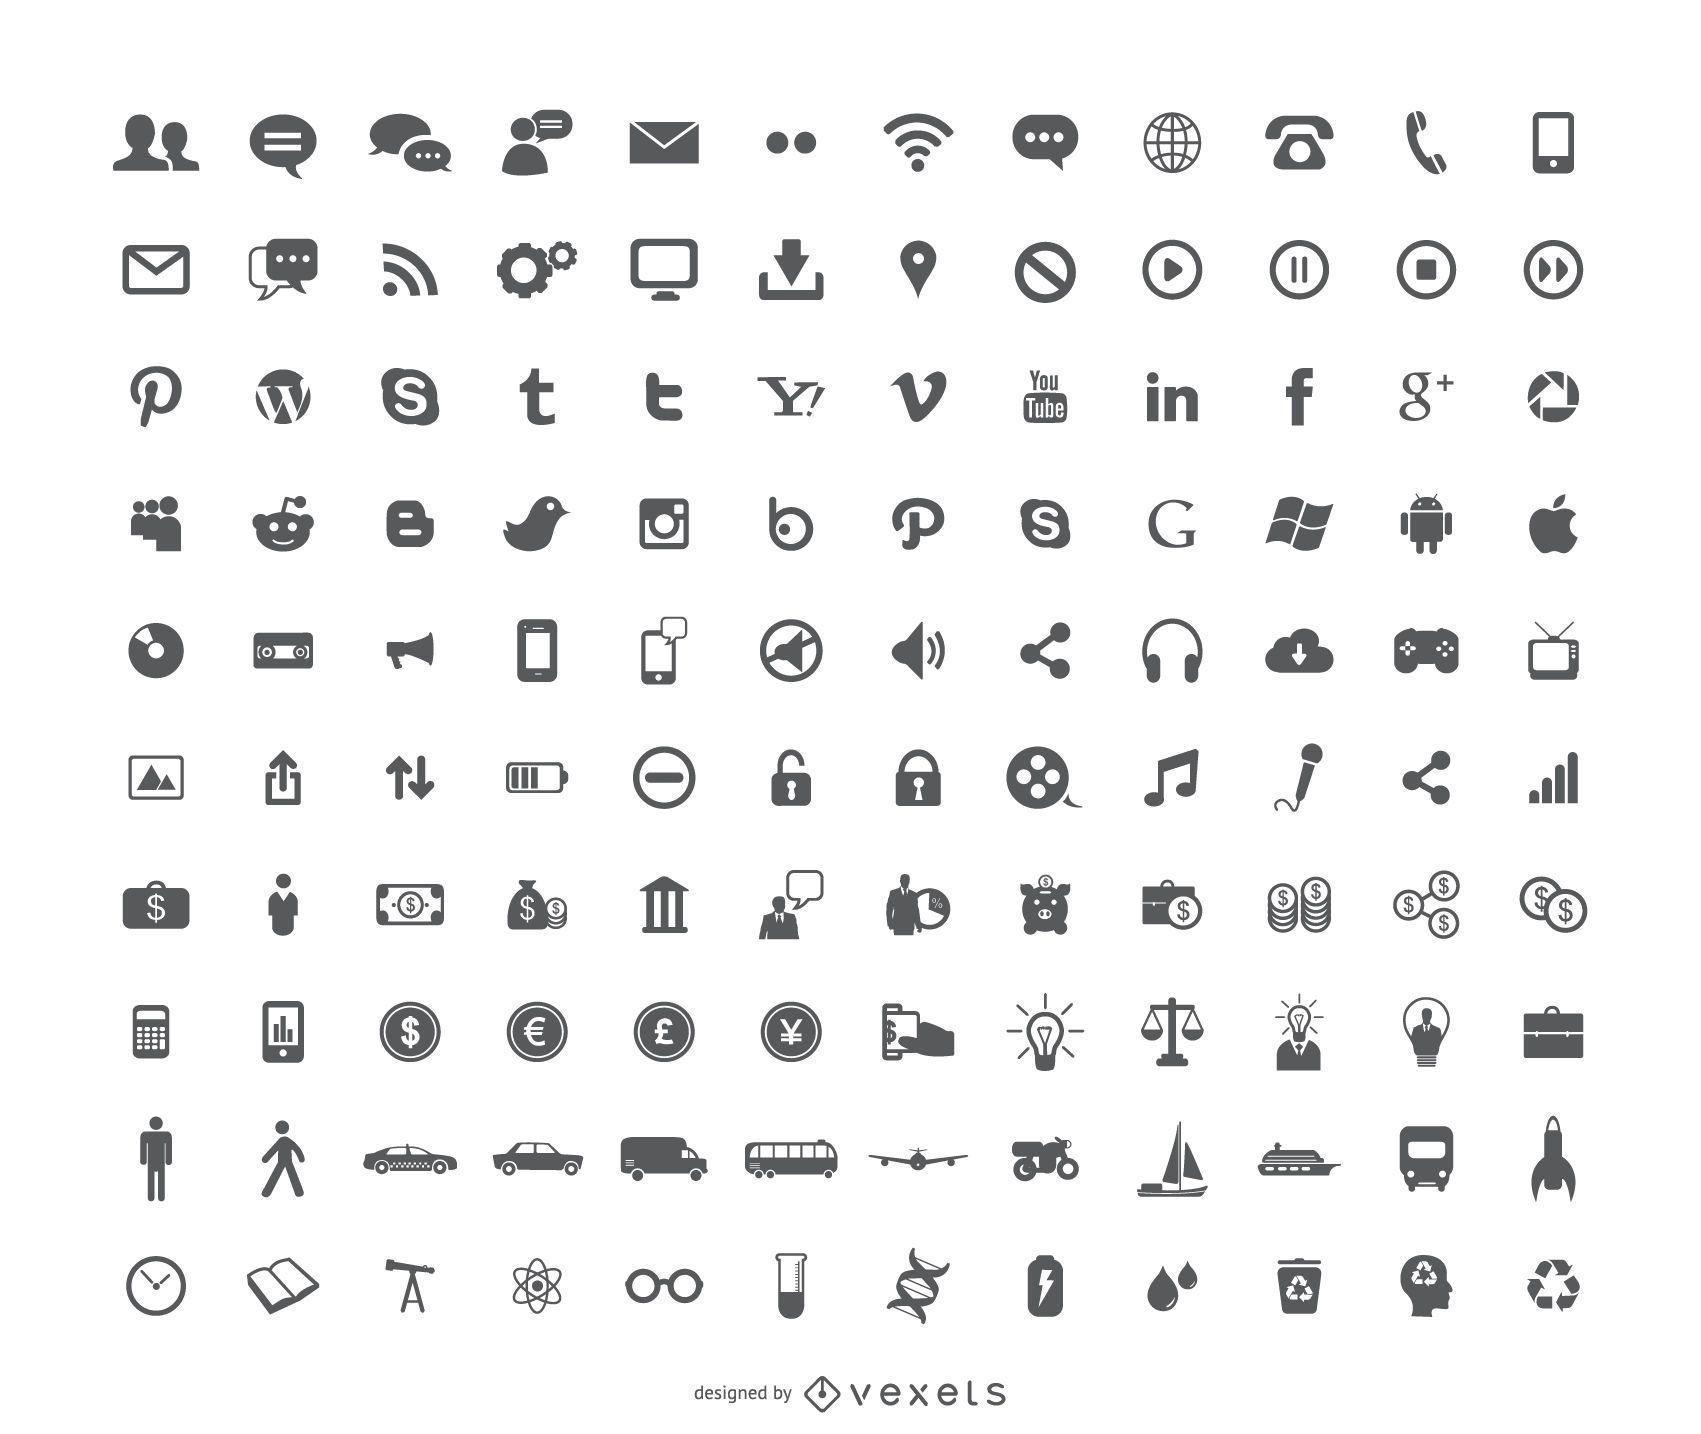 120 novos ícones grátis